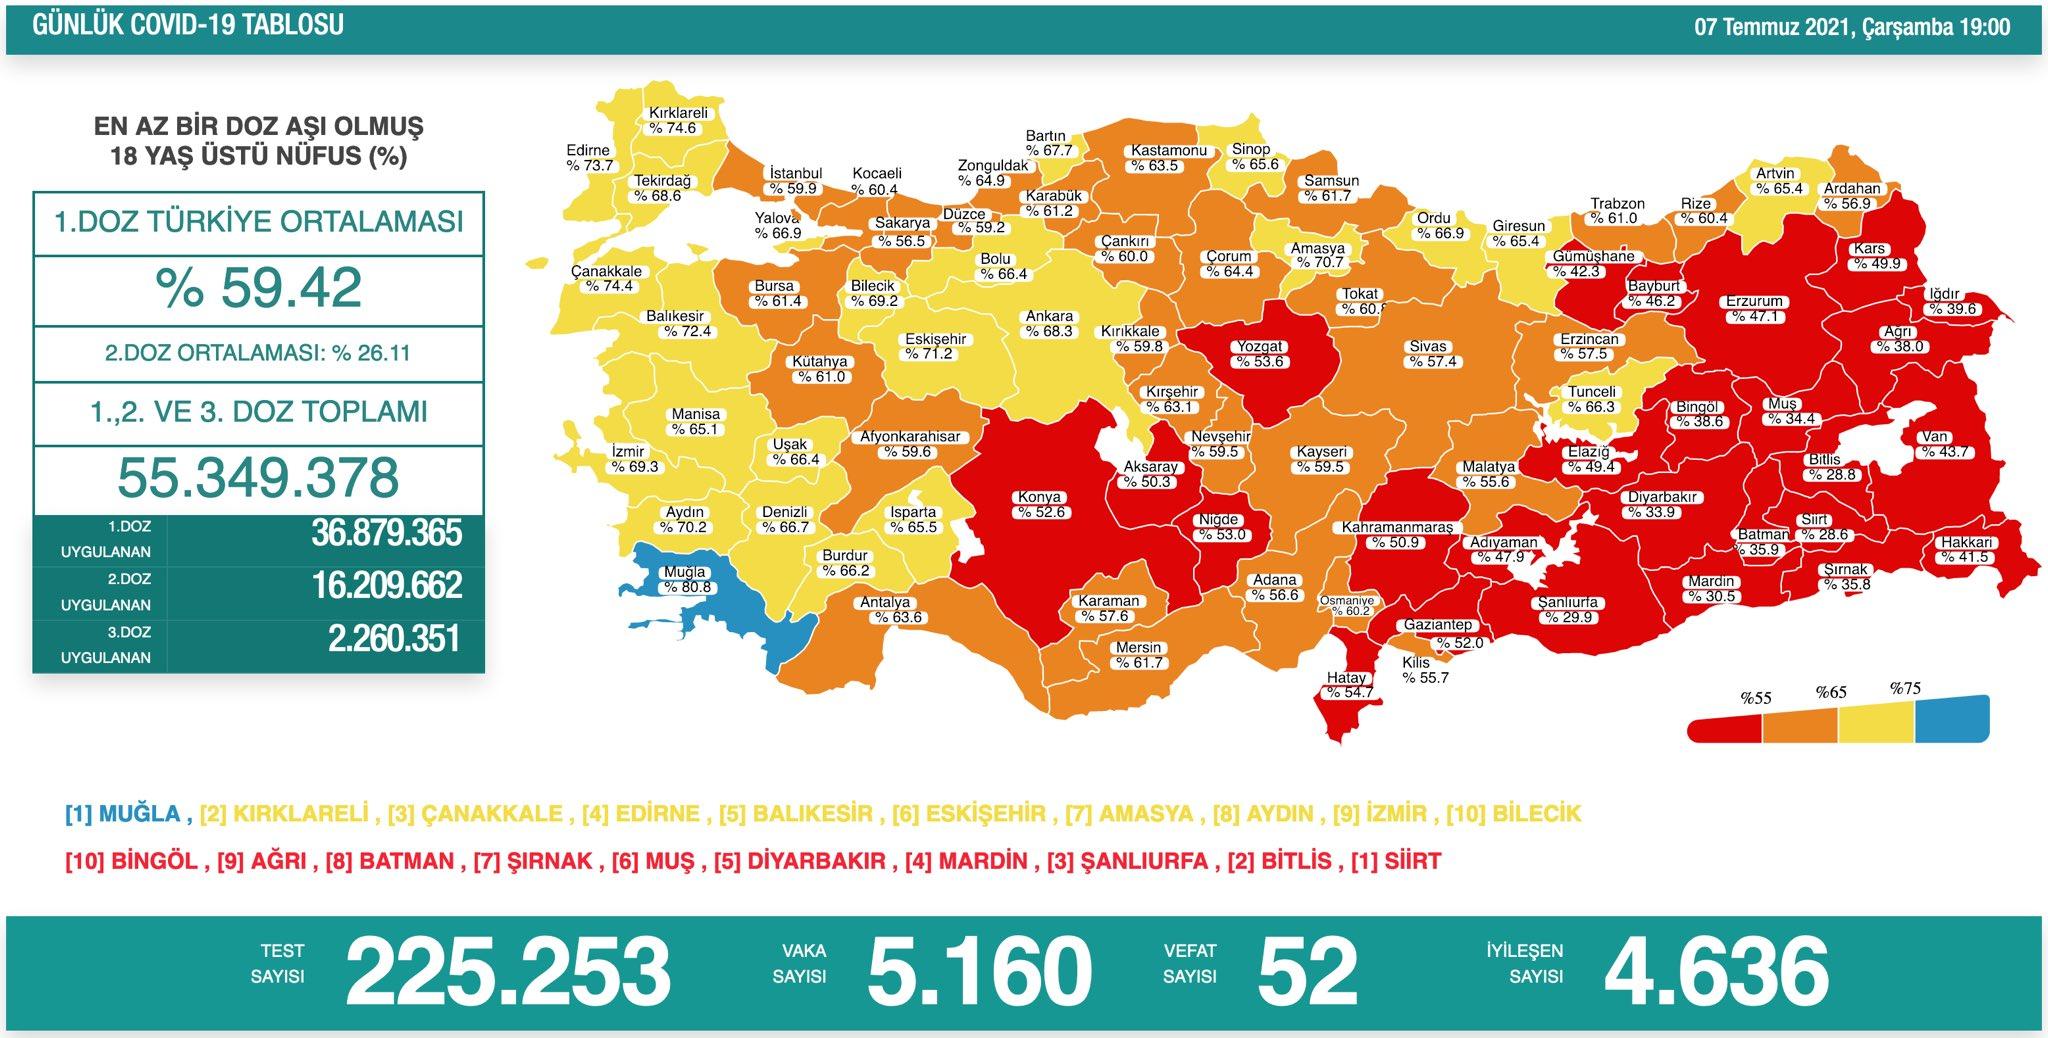 8 Temmuz 2021 Perşembe Türkiye Günlük Koronavirüs Tablosu | Bugünkü korona tablosu | Vaka ve ölüm sayısı kaç oldu?